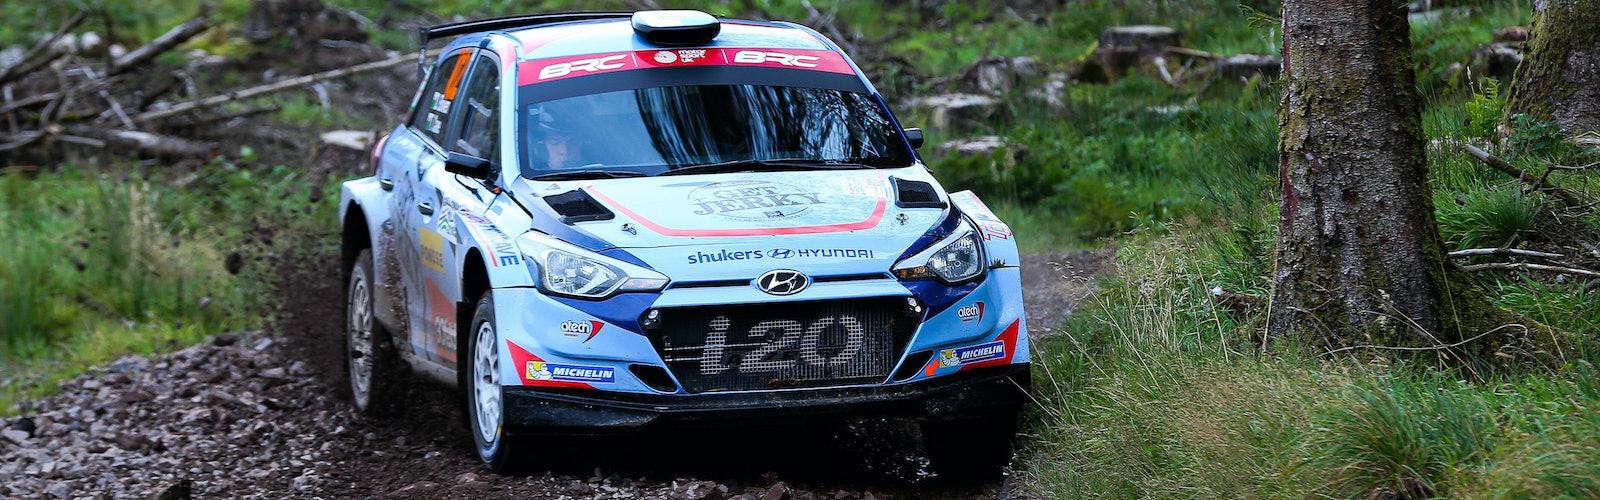 Tom Cave / Dale Bowen Hyundai i20 R5